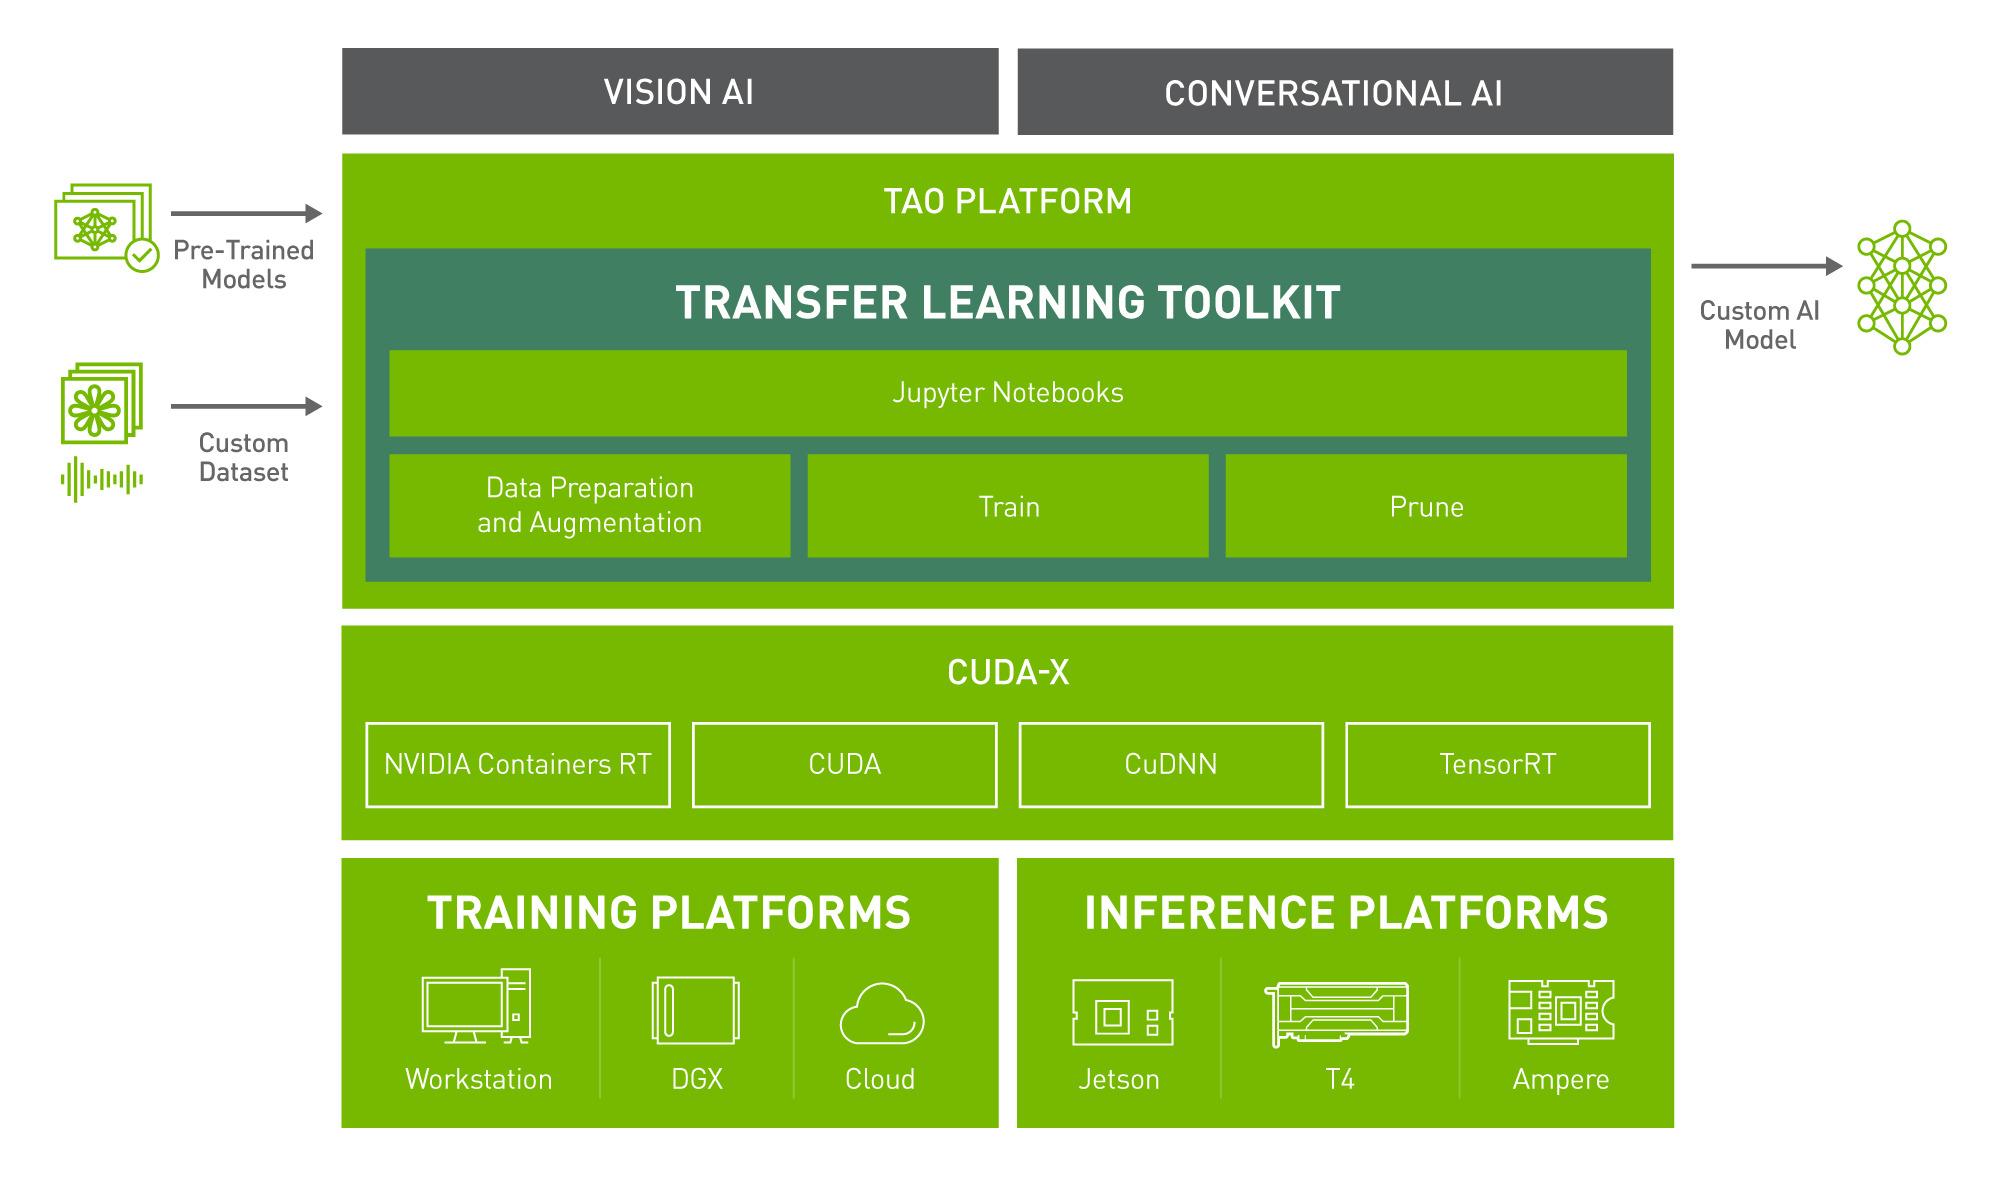 NVIDIA TAO Transfer Learning Toolkit